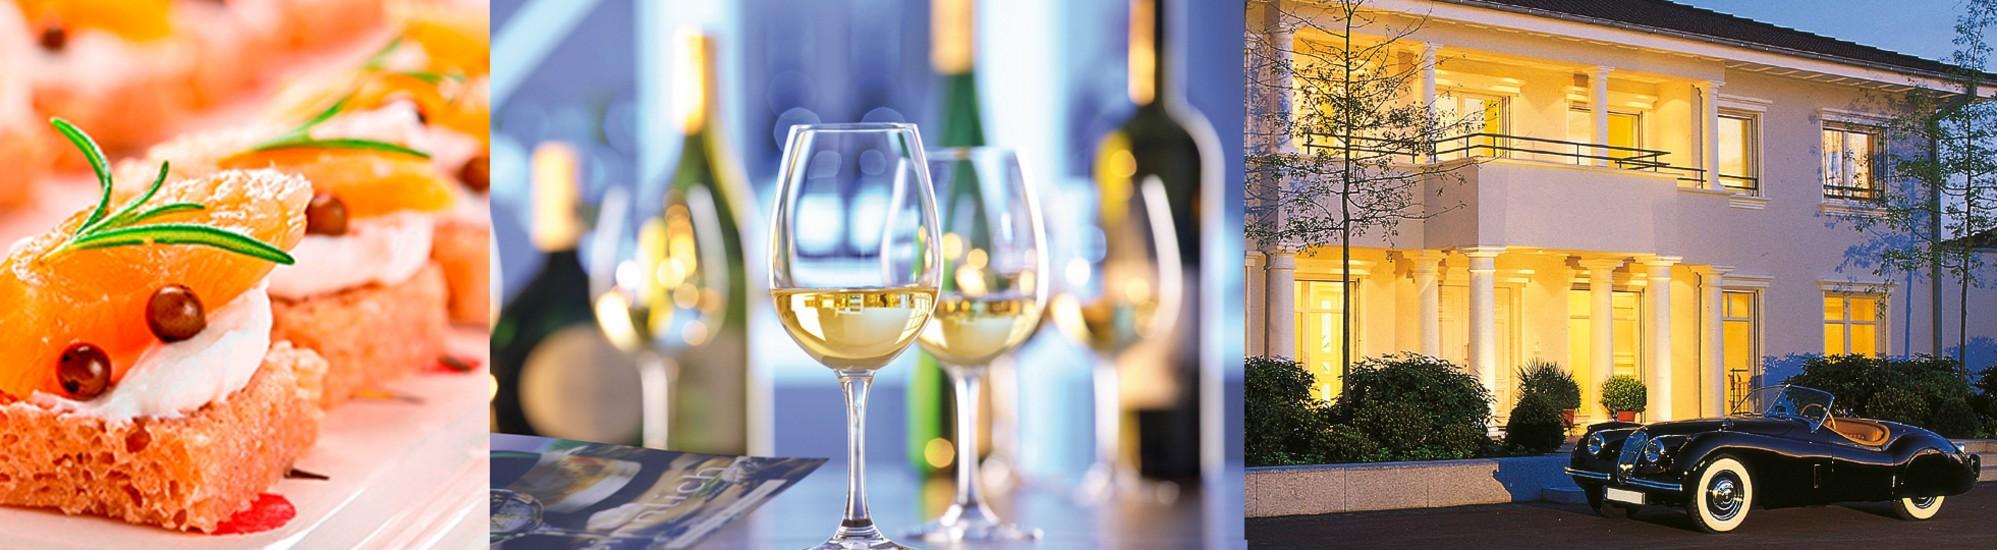 Weinparadies 24337_2000x550-cdnparams-cx29-cy4-cw1961-ch540-w2000-h550-t1499248563.jpg